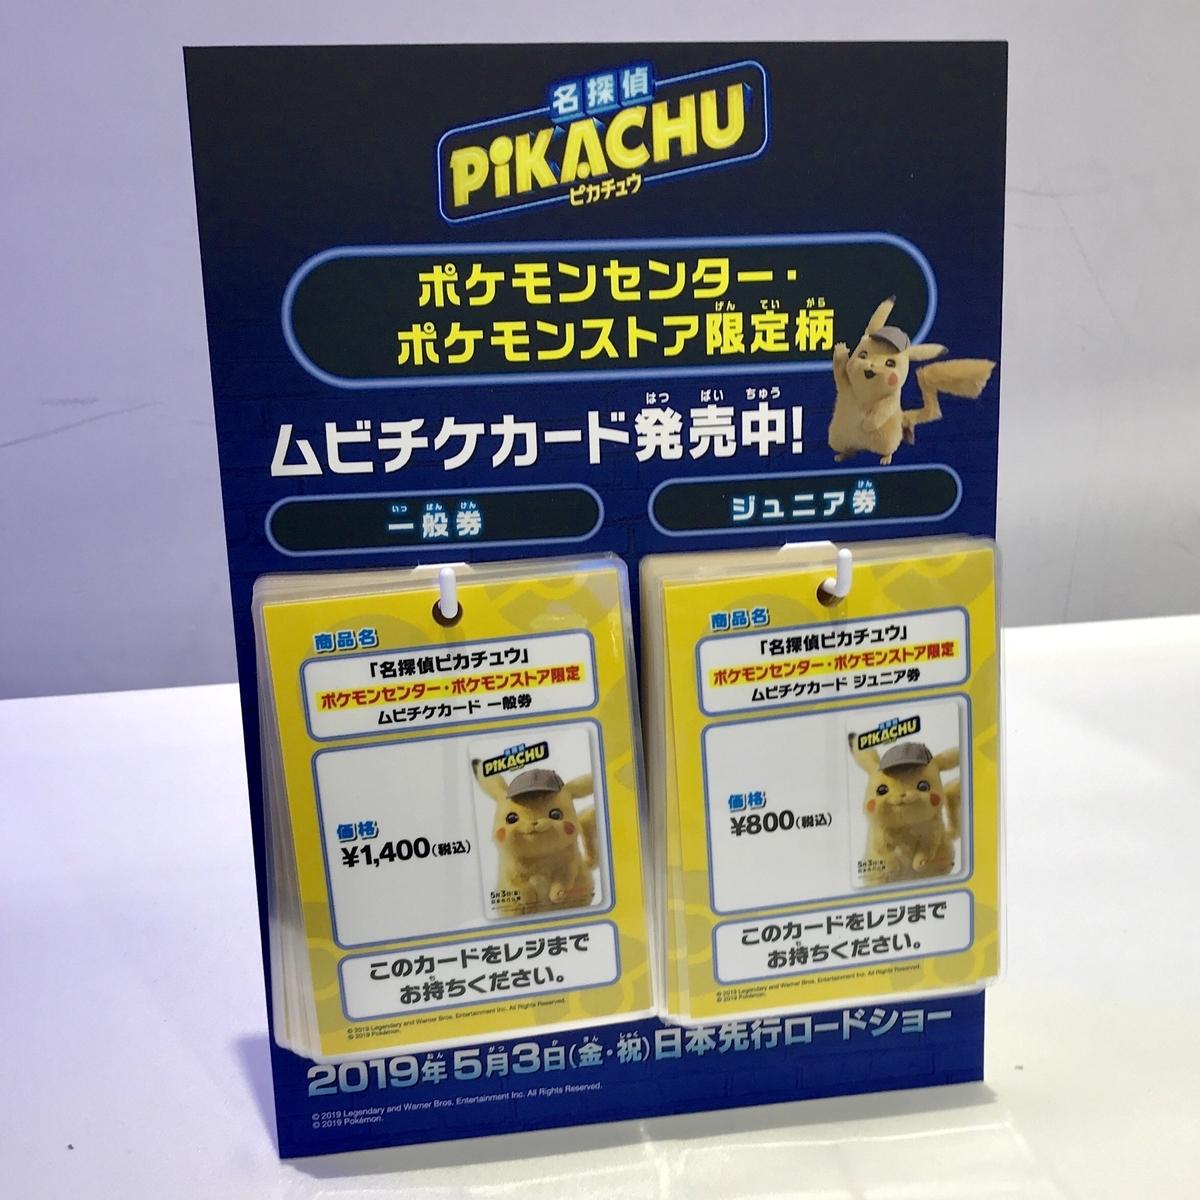 f:id:pikachu_pcn:20190321212743j:plain